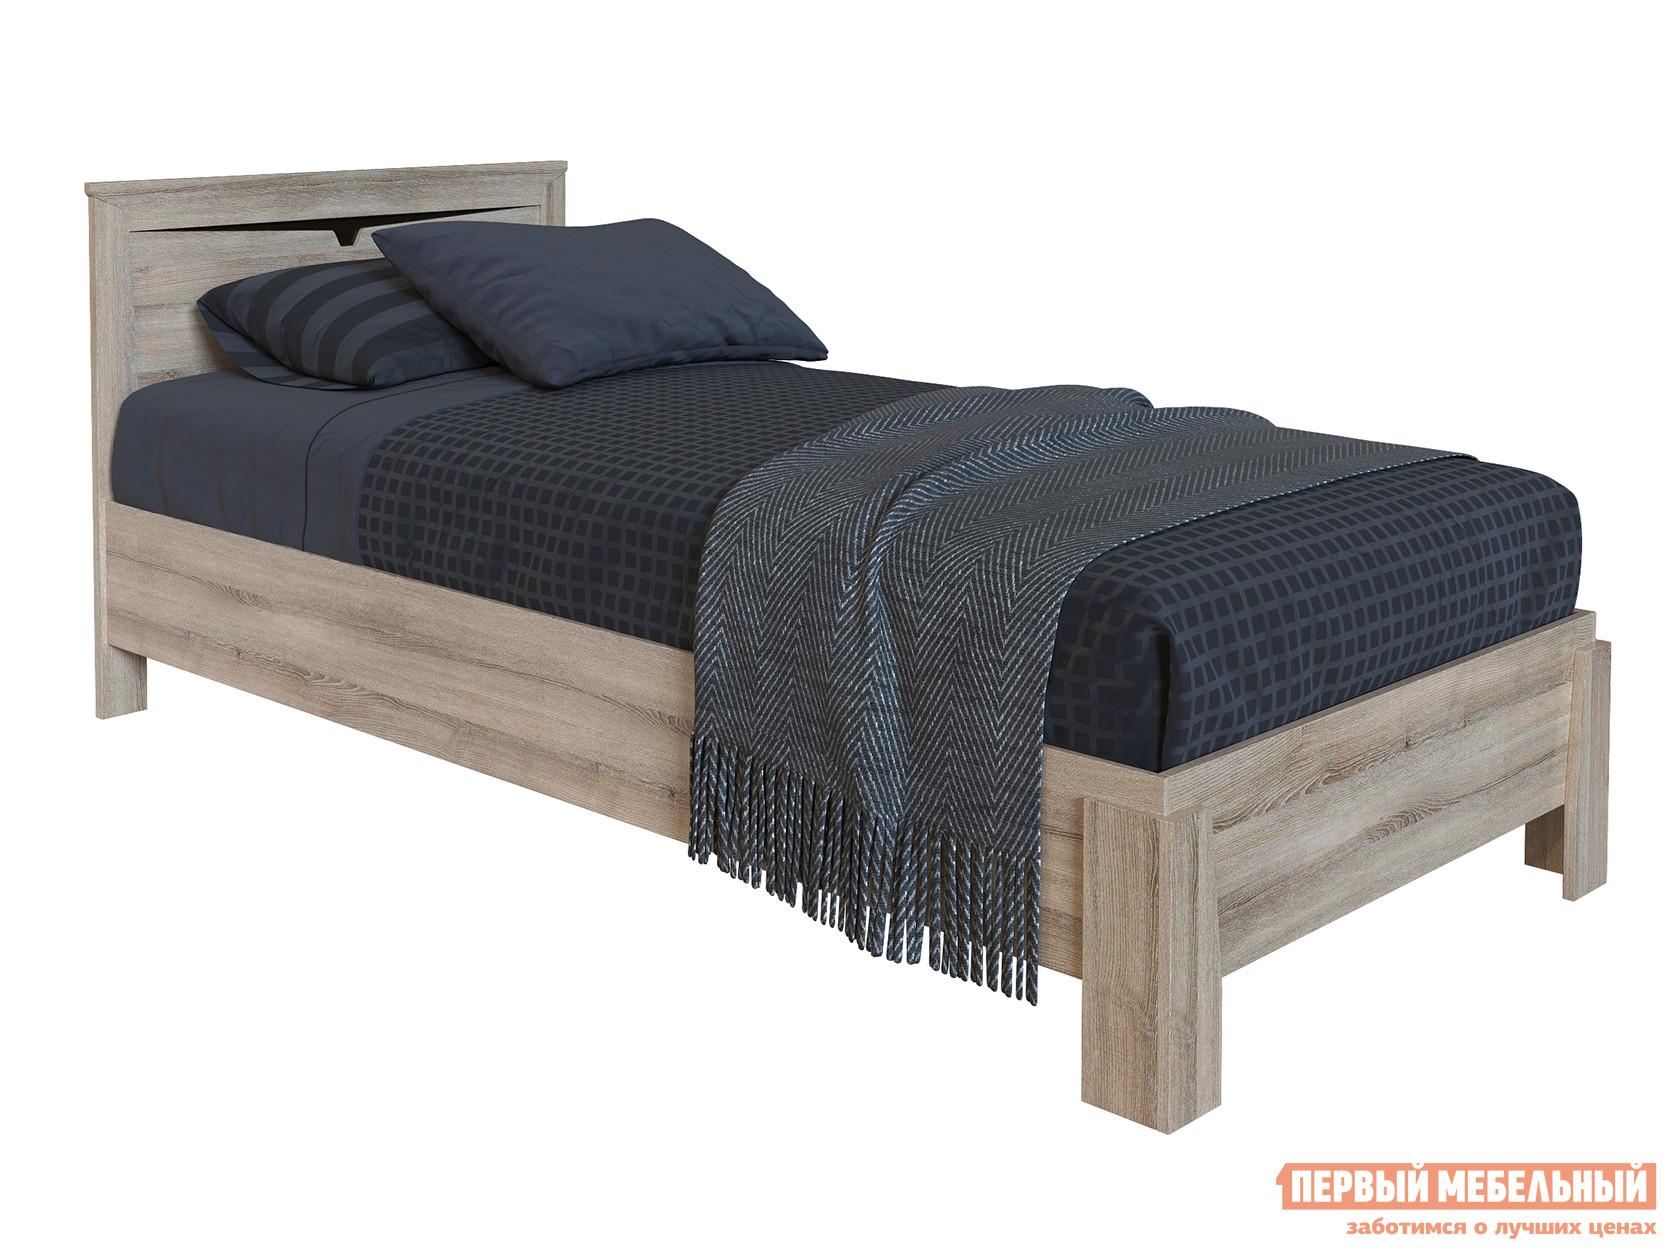 Односпальная кровать  Кровать Гарда NEW Ясень Таормино, Без основания